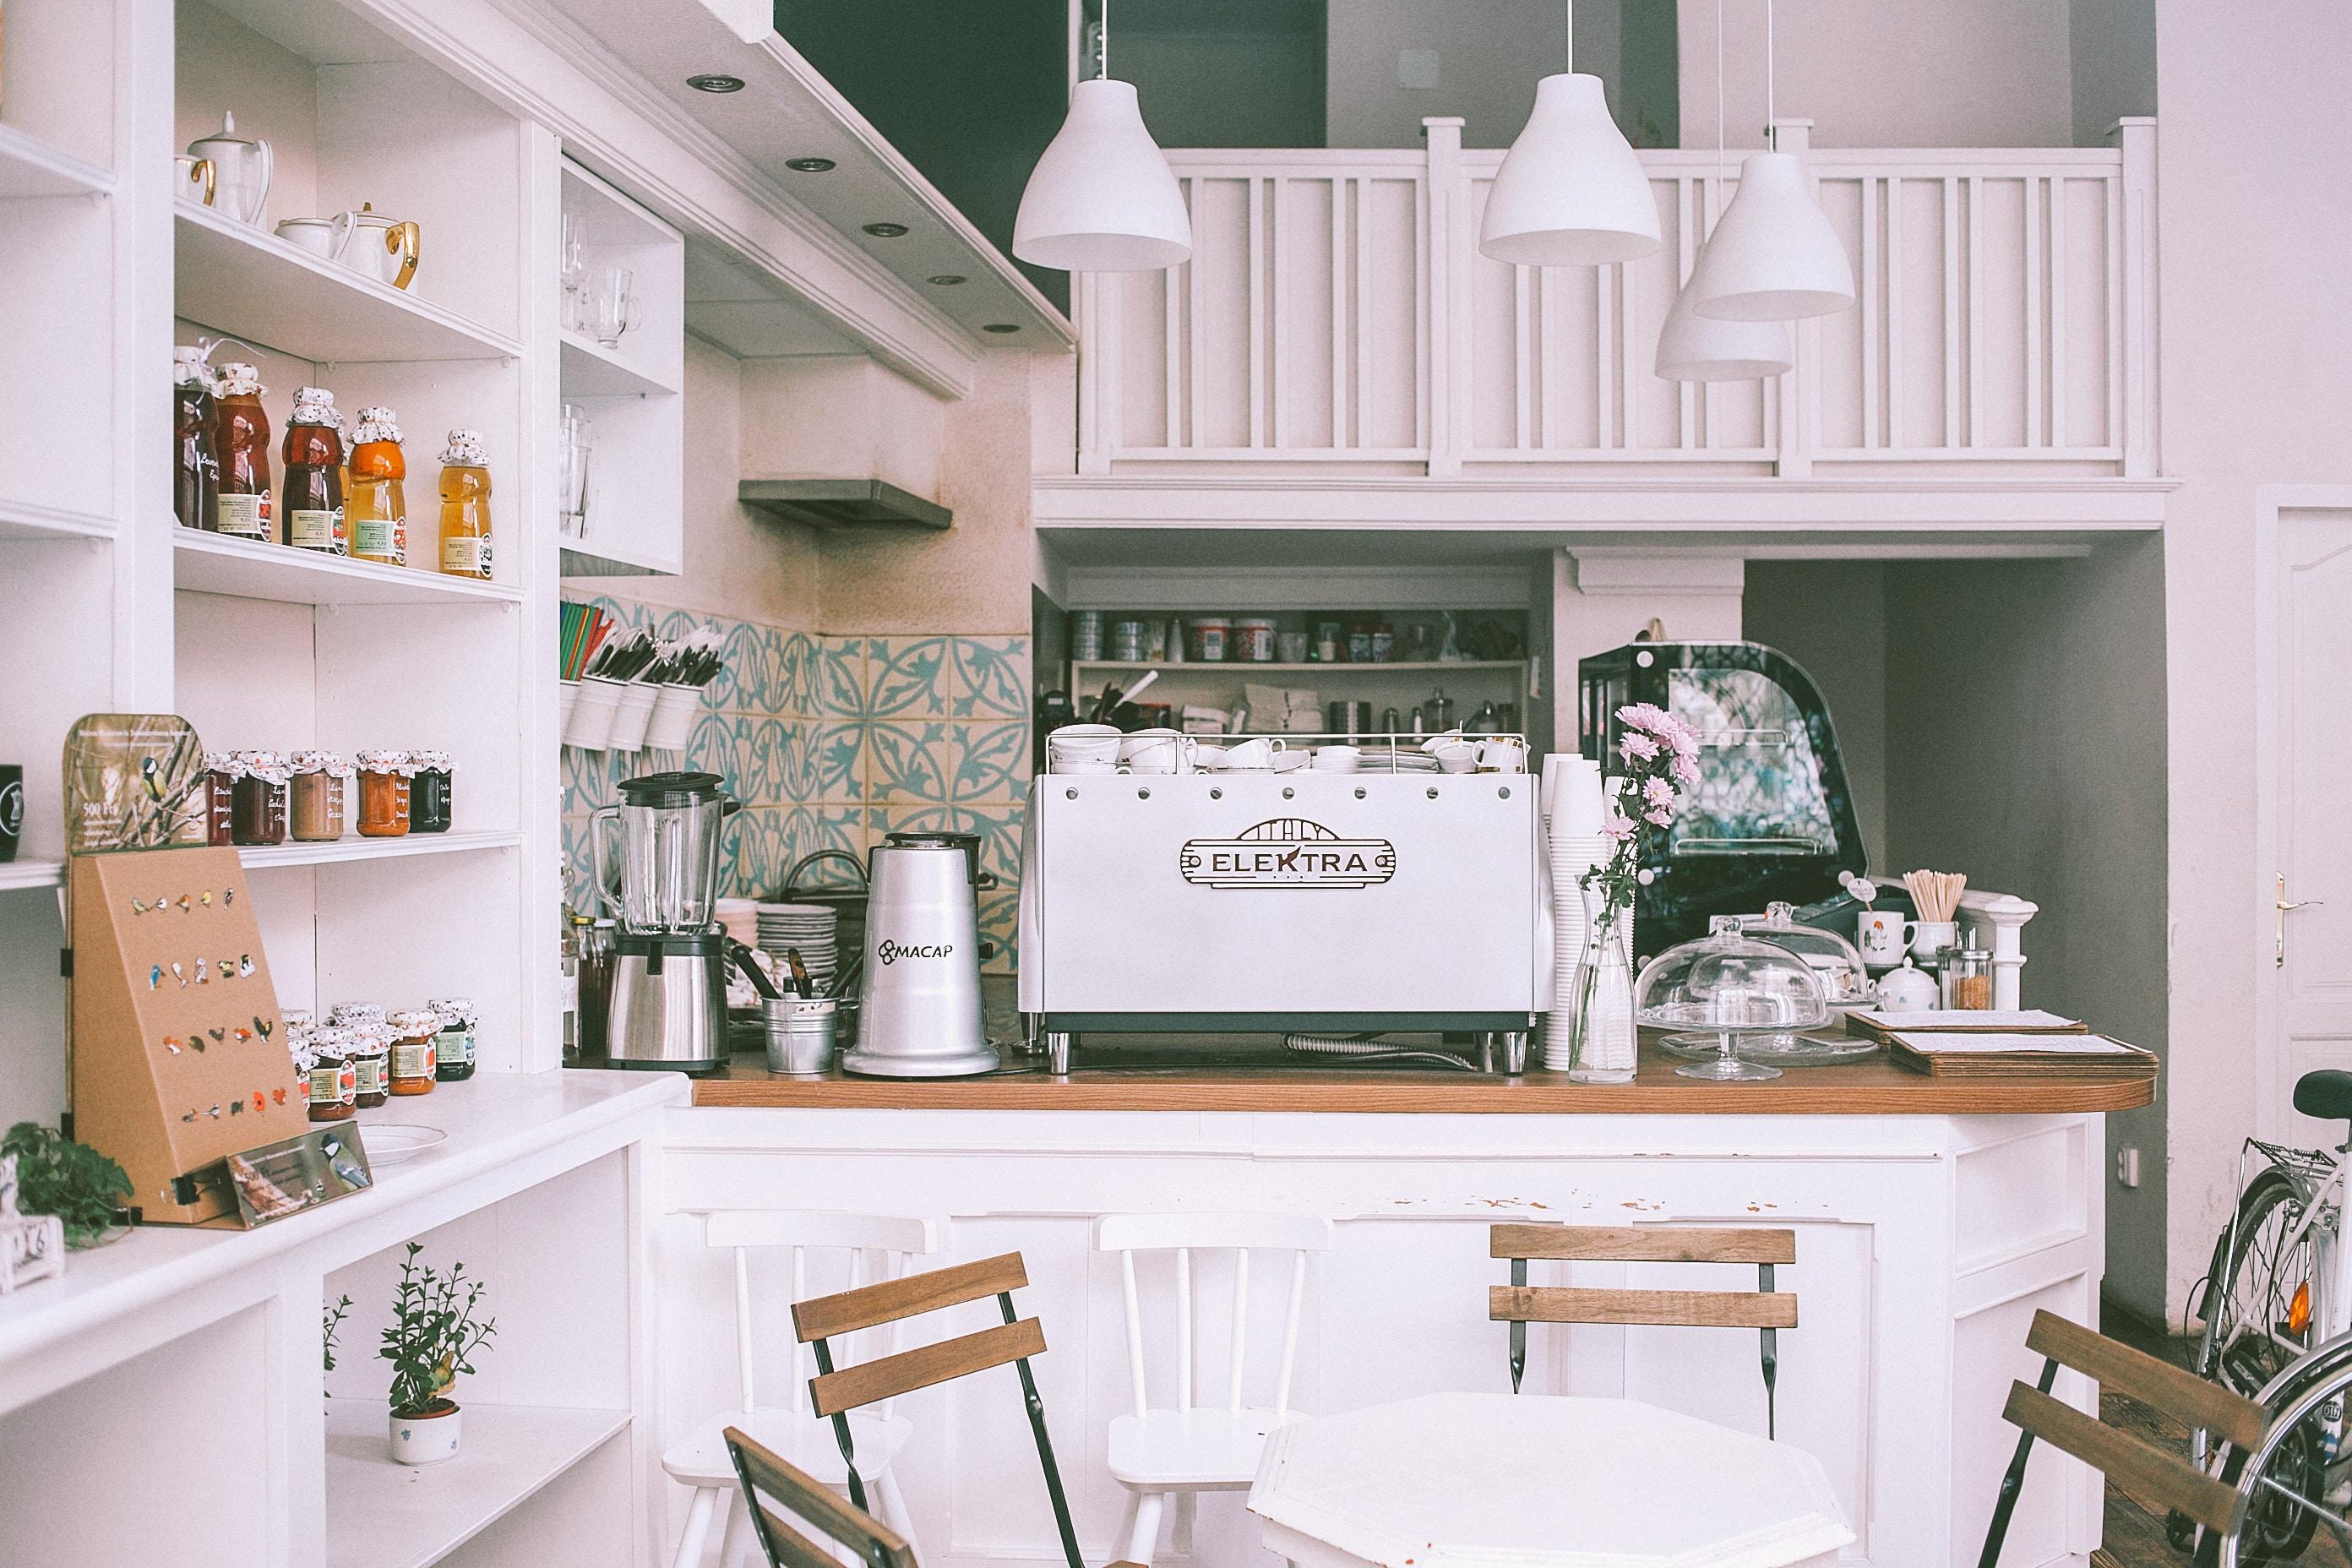 真っ白なキッチン収納